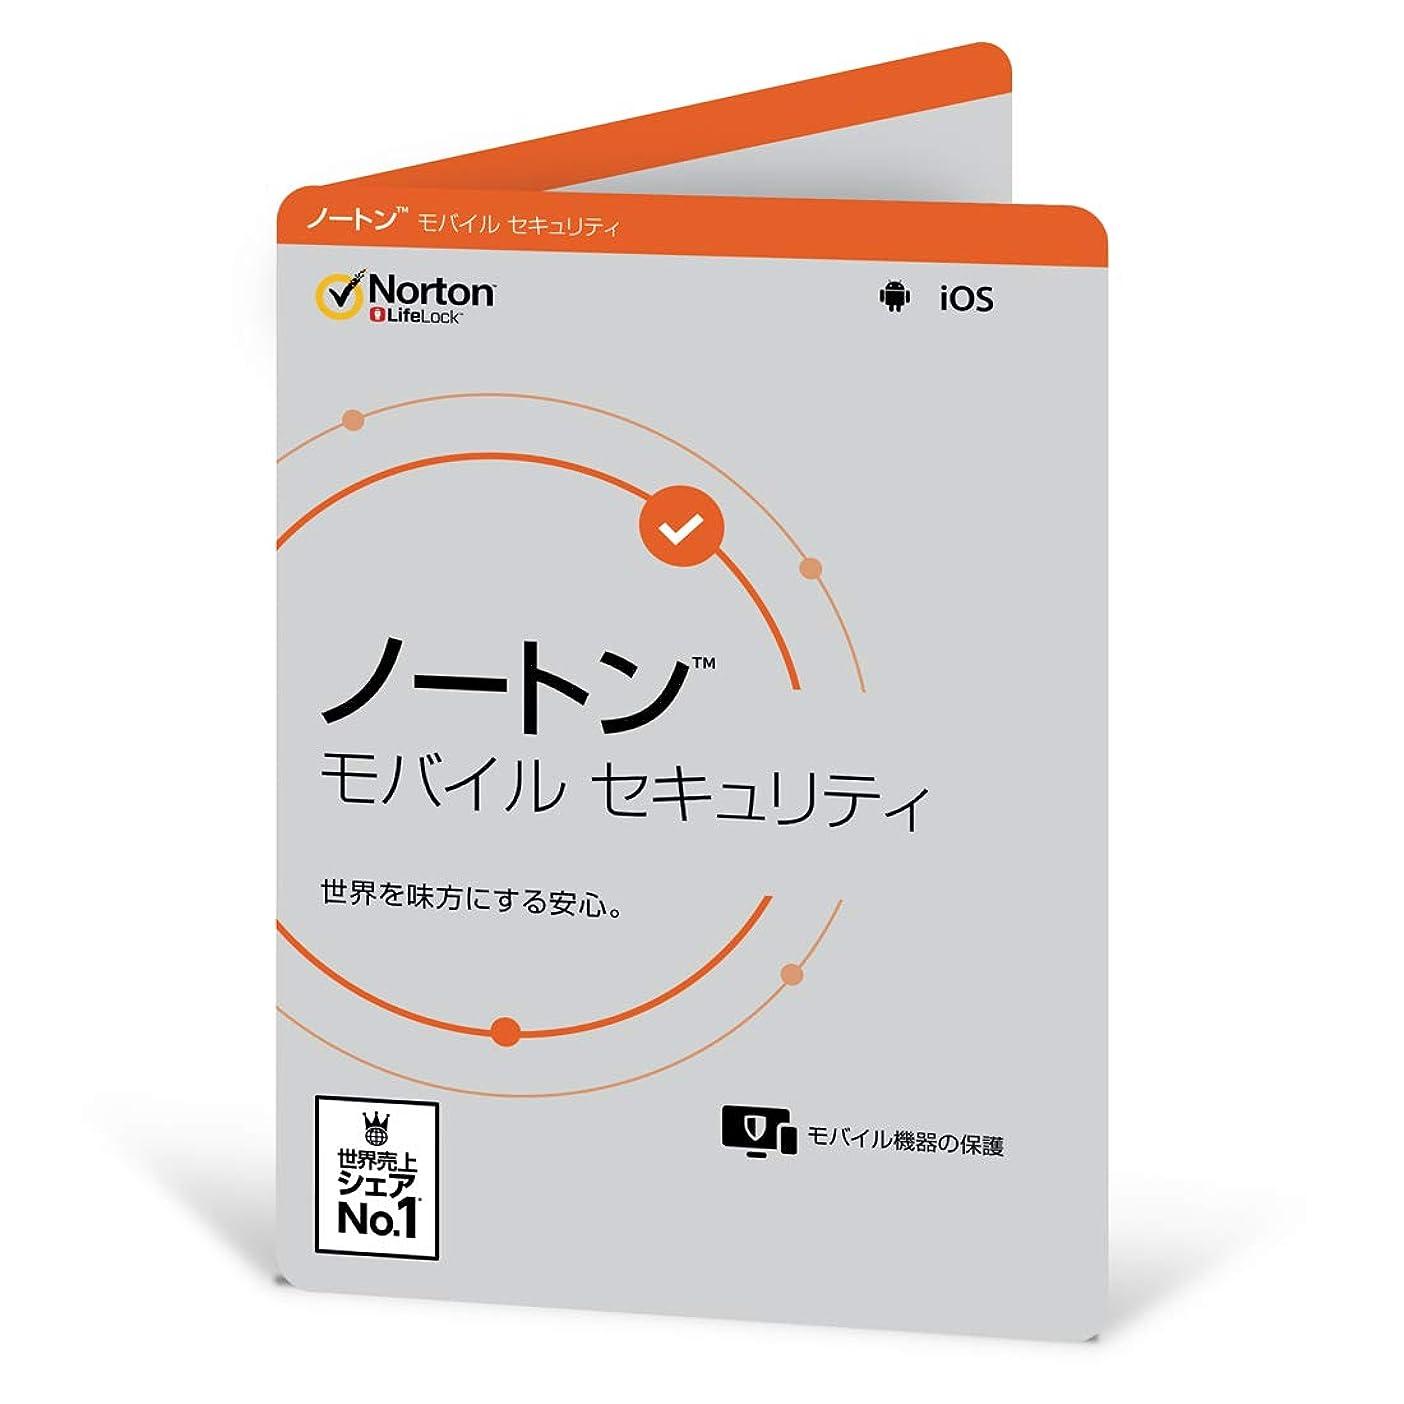 シリーズ暖炉有効なノートン モバイル セキュリティ(最新)|1年1台版|カード版|iOS/Android対応